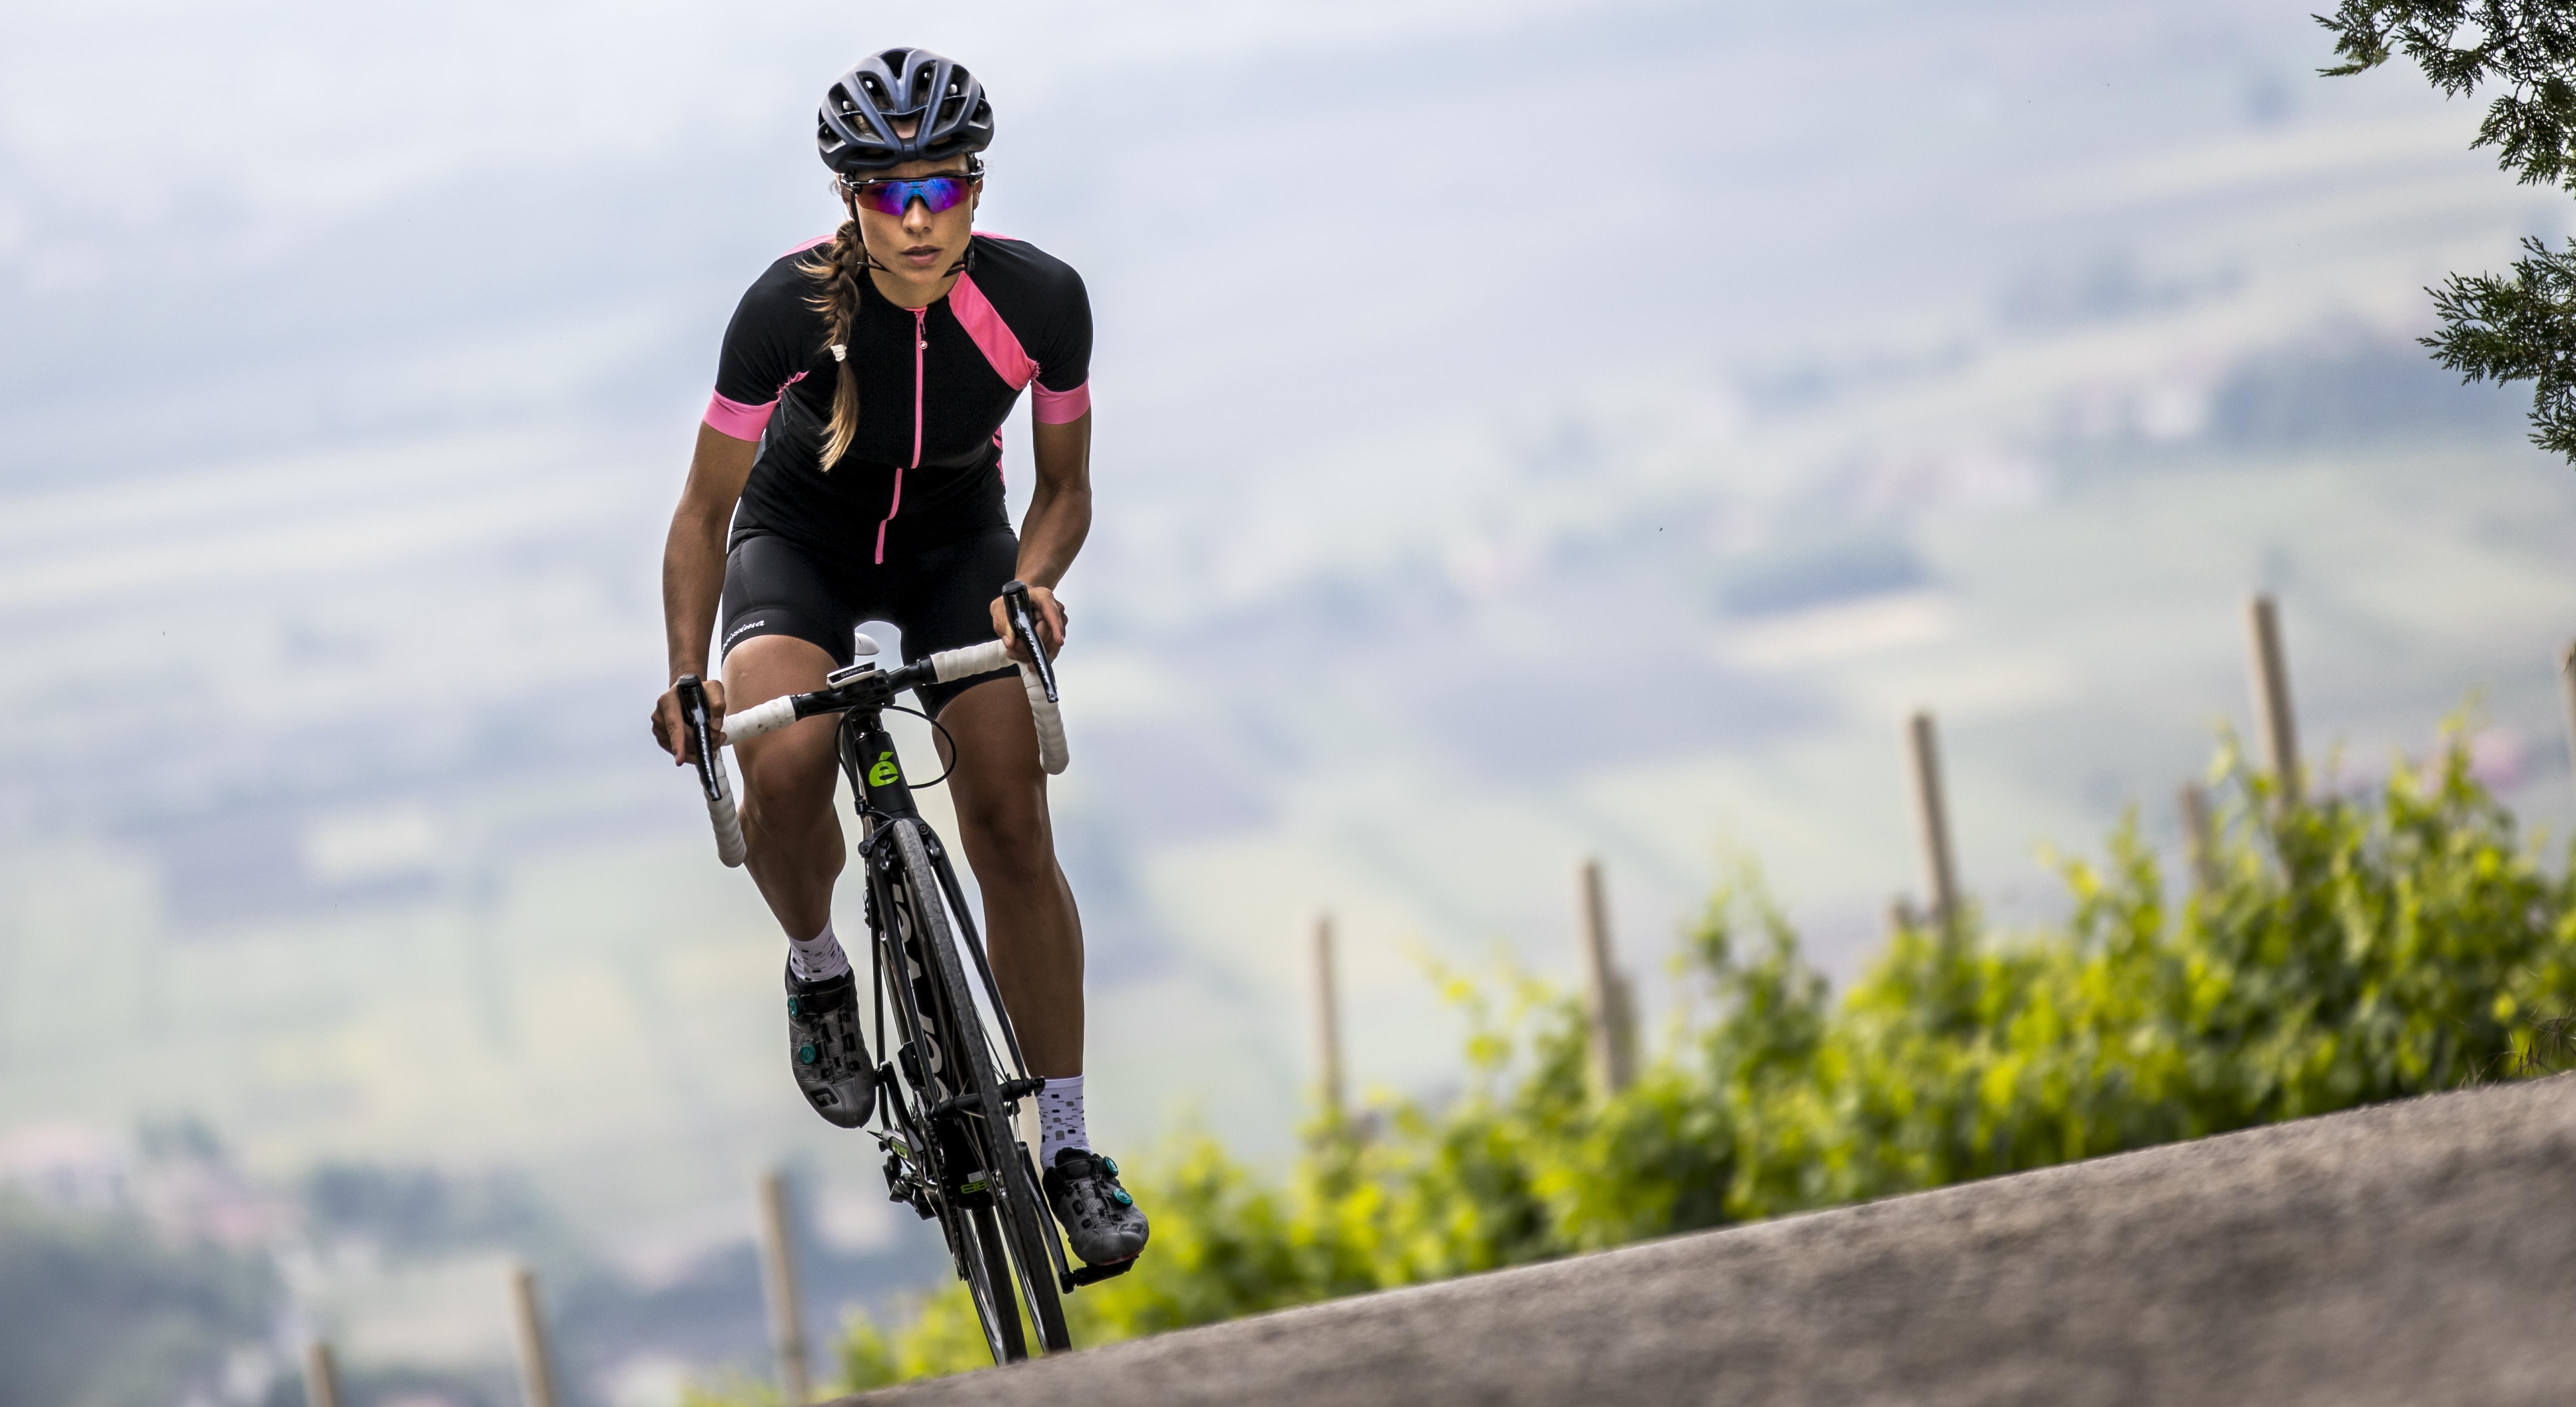 abbigliamento tecnico femminile da bici: completo collezione Castelli 2019